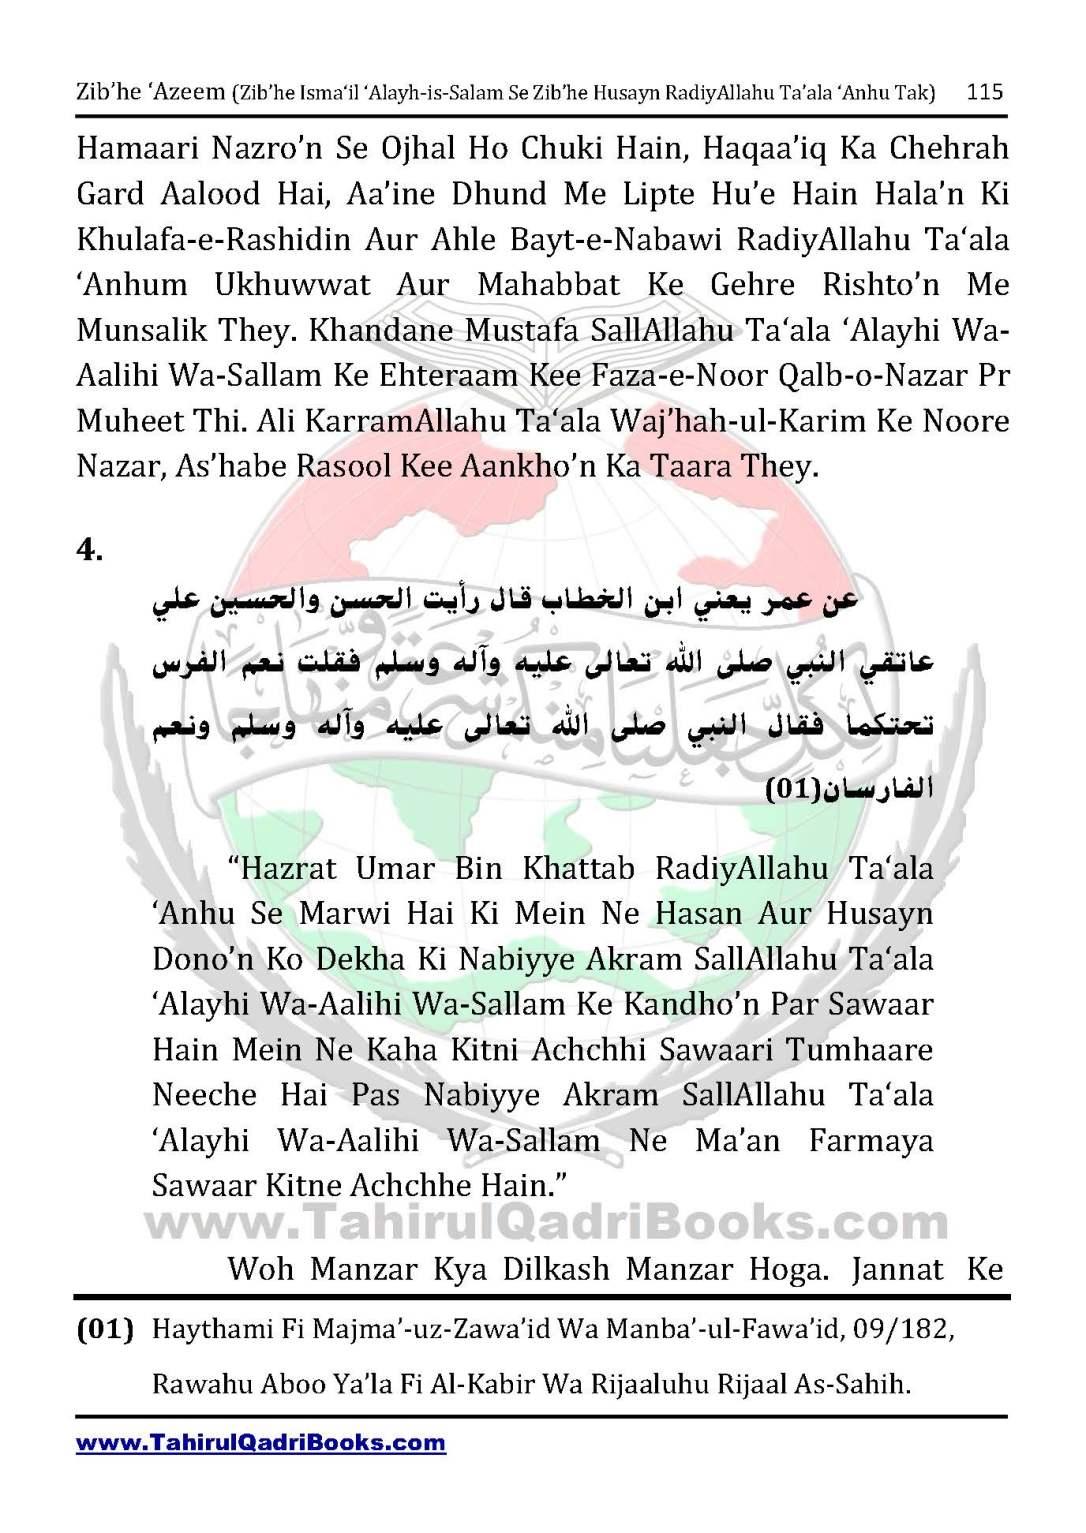 zib_he-e28098azeem-zib_he-ismacabbil-se-zib_he-husayn-tak-in-roman-urdu-unlocked_Page_115